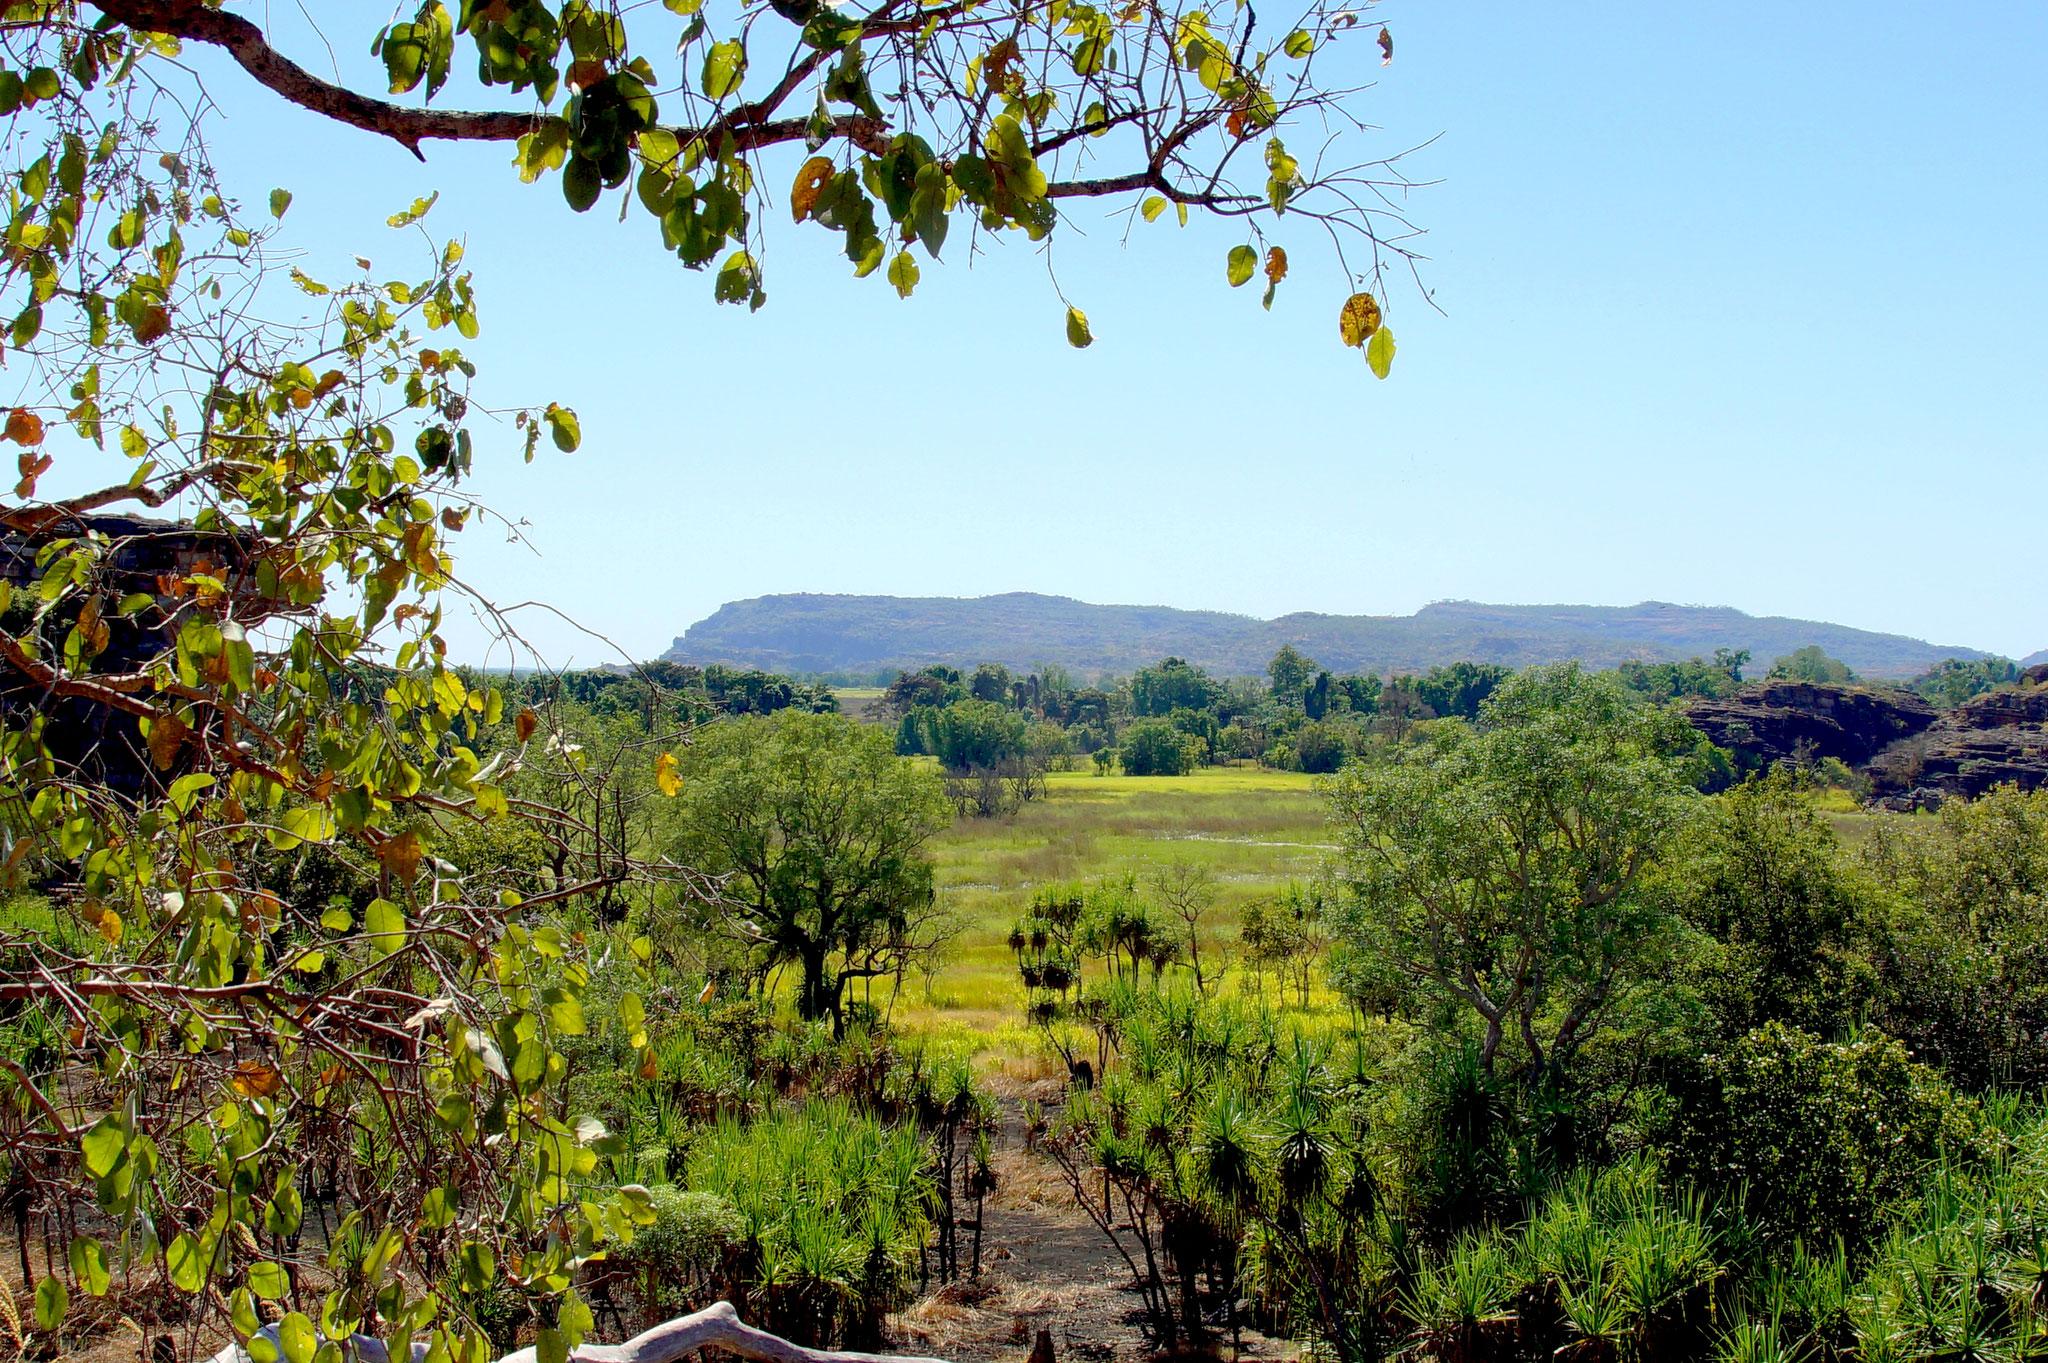 Vielseitiges Australien: im Zentrum rote Erde und karge Wüstengewächse, in den Tropen saftiges Grün.